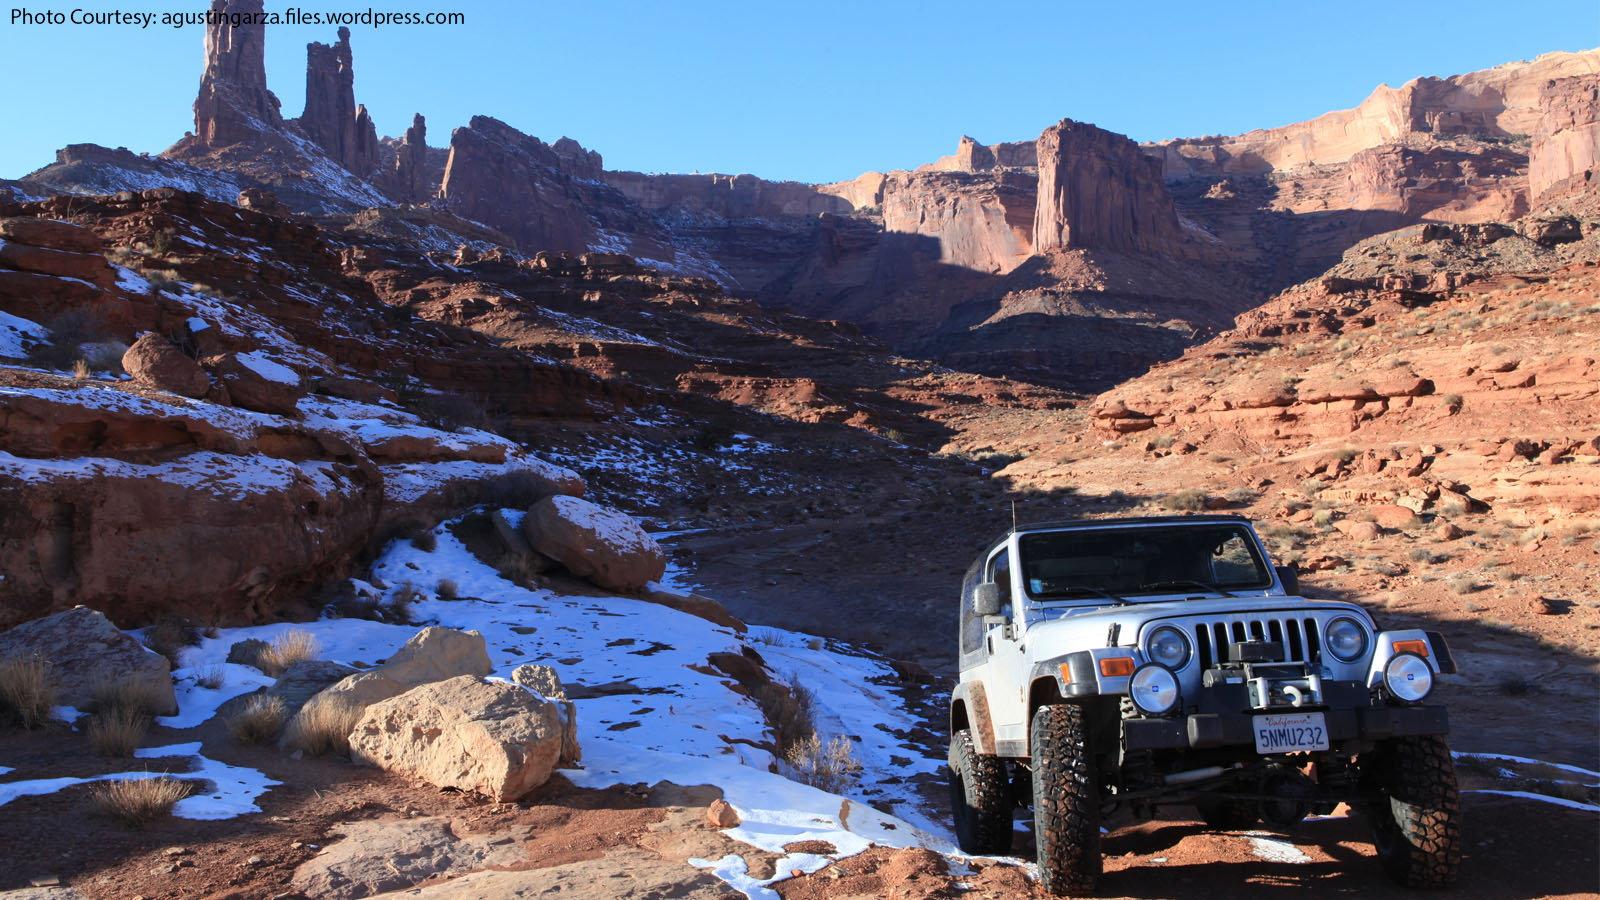 White Rim Trail